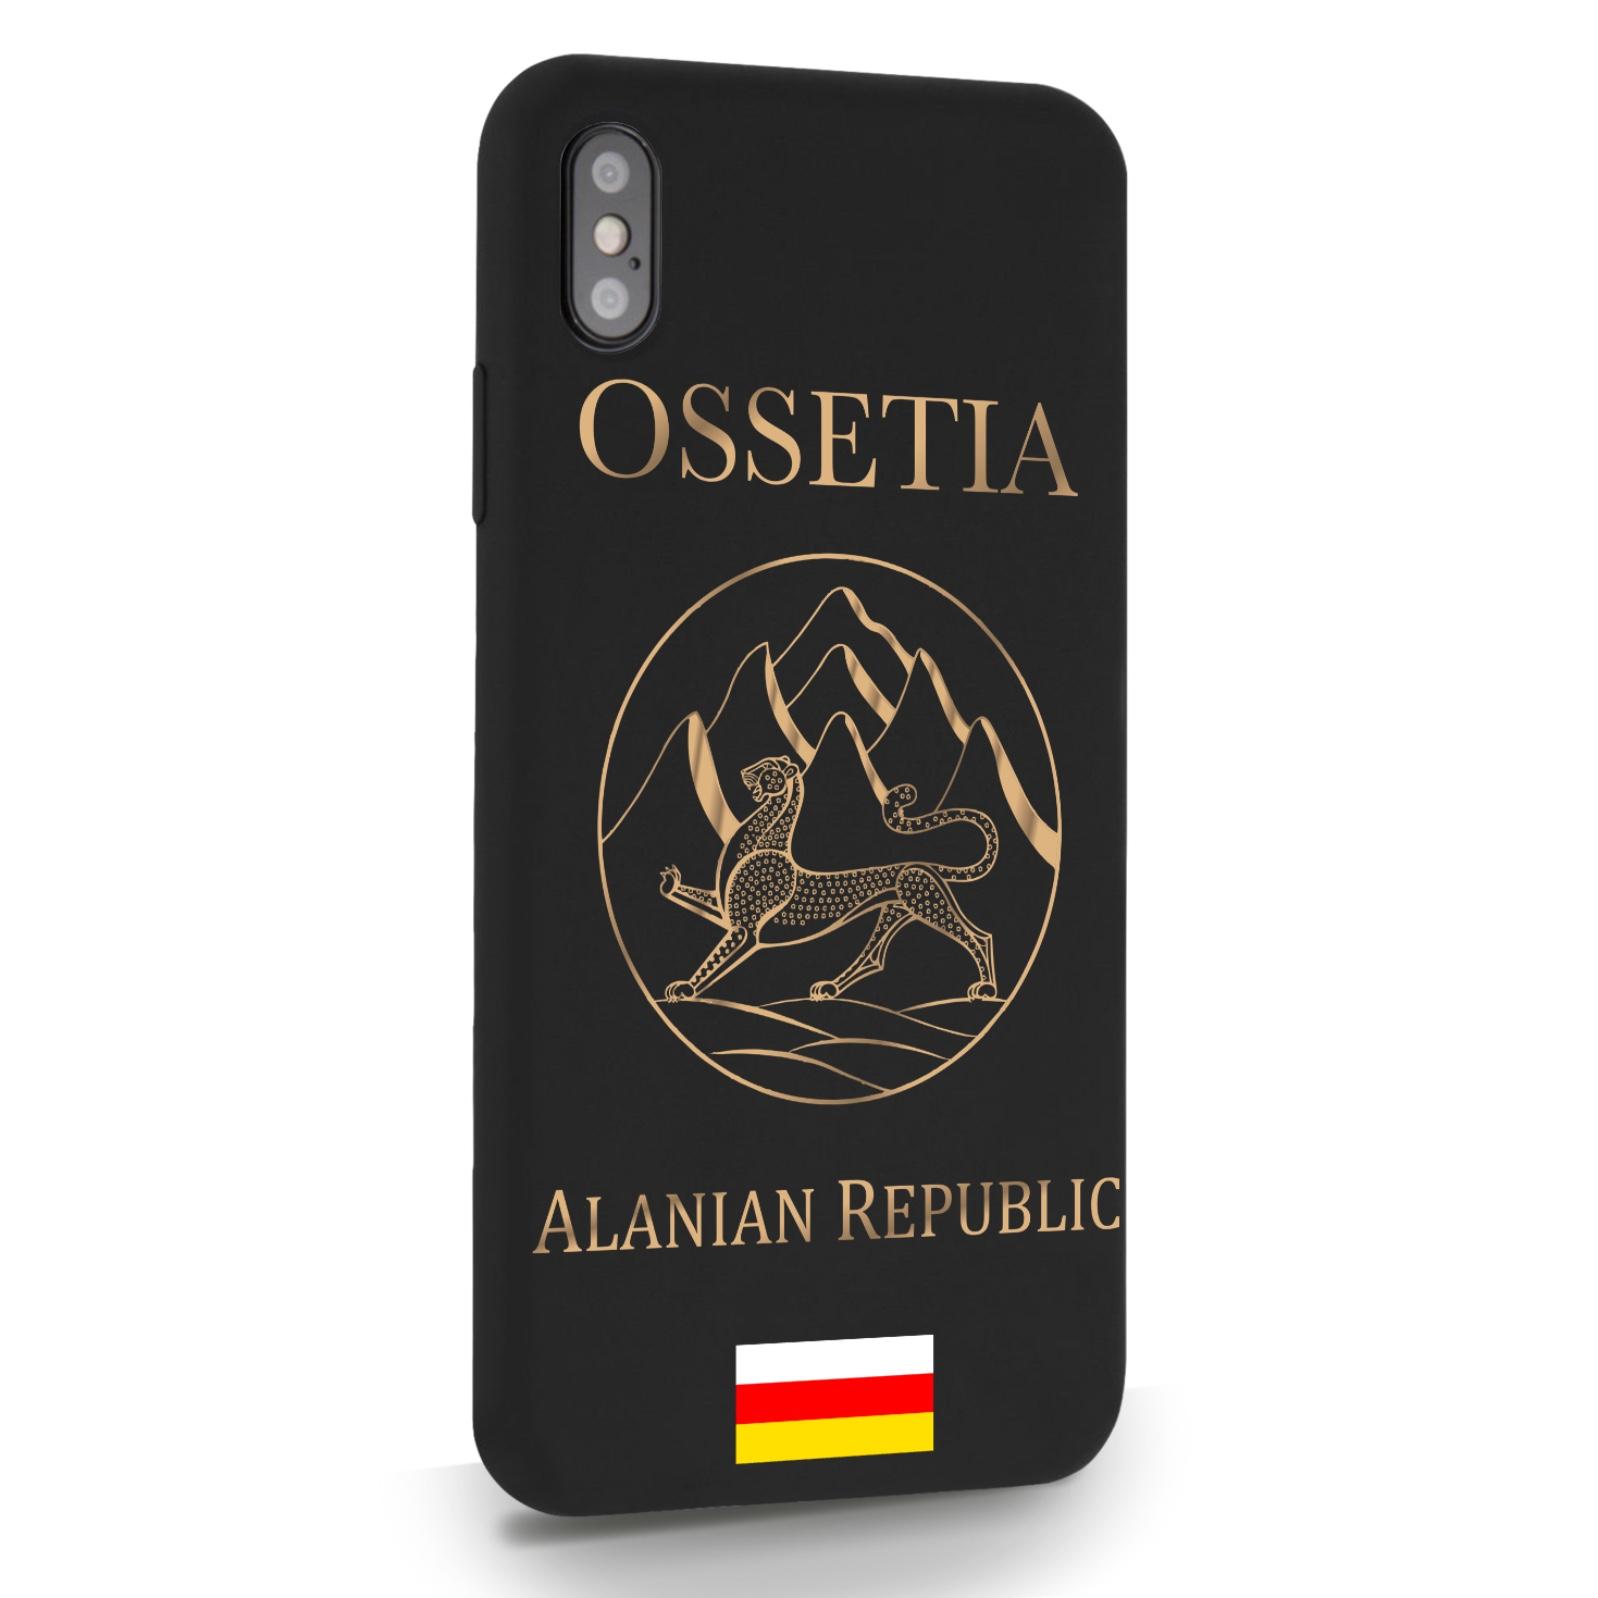 Черный силиконовый чехол для iPhone XS Max Золотой Герб Северной Осетии для Айфон 10C Макс